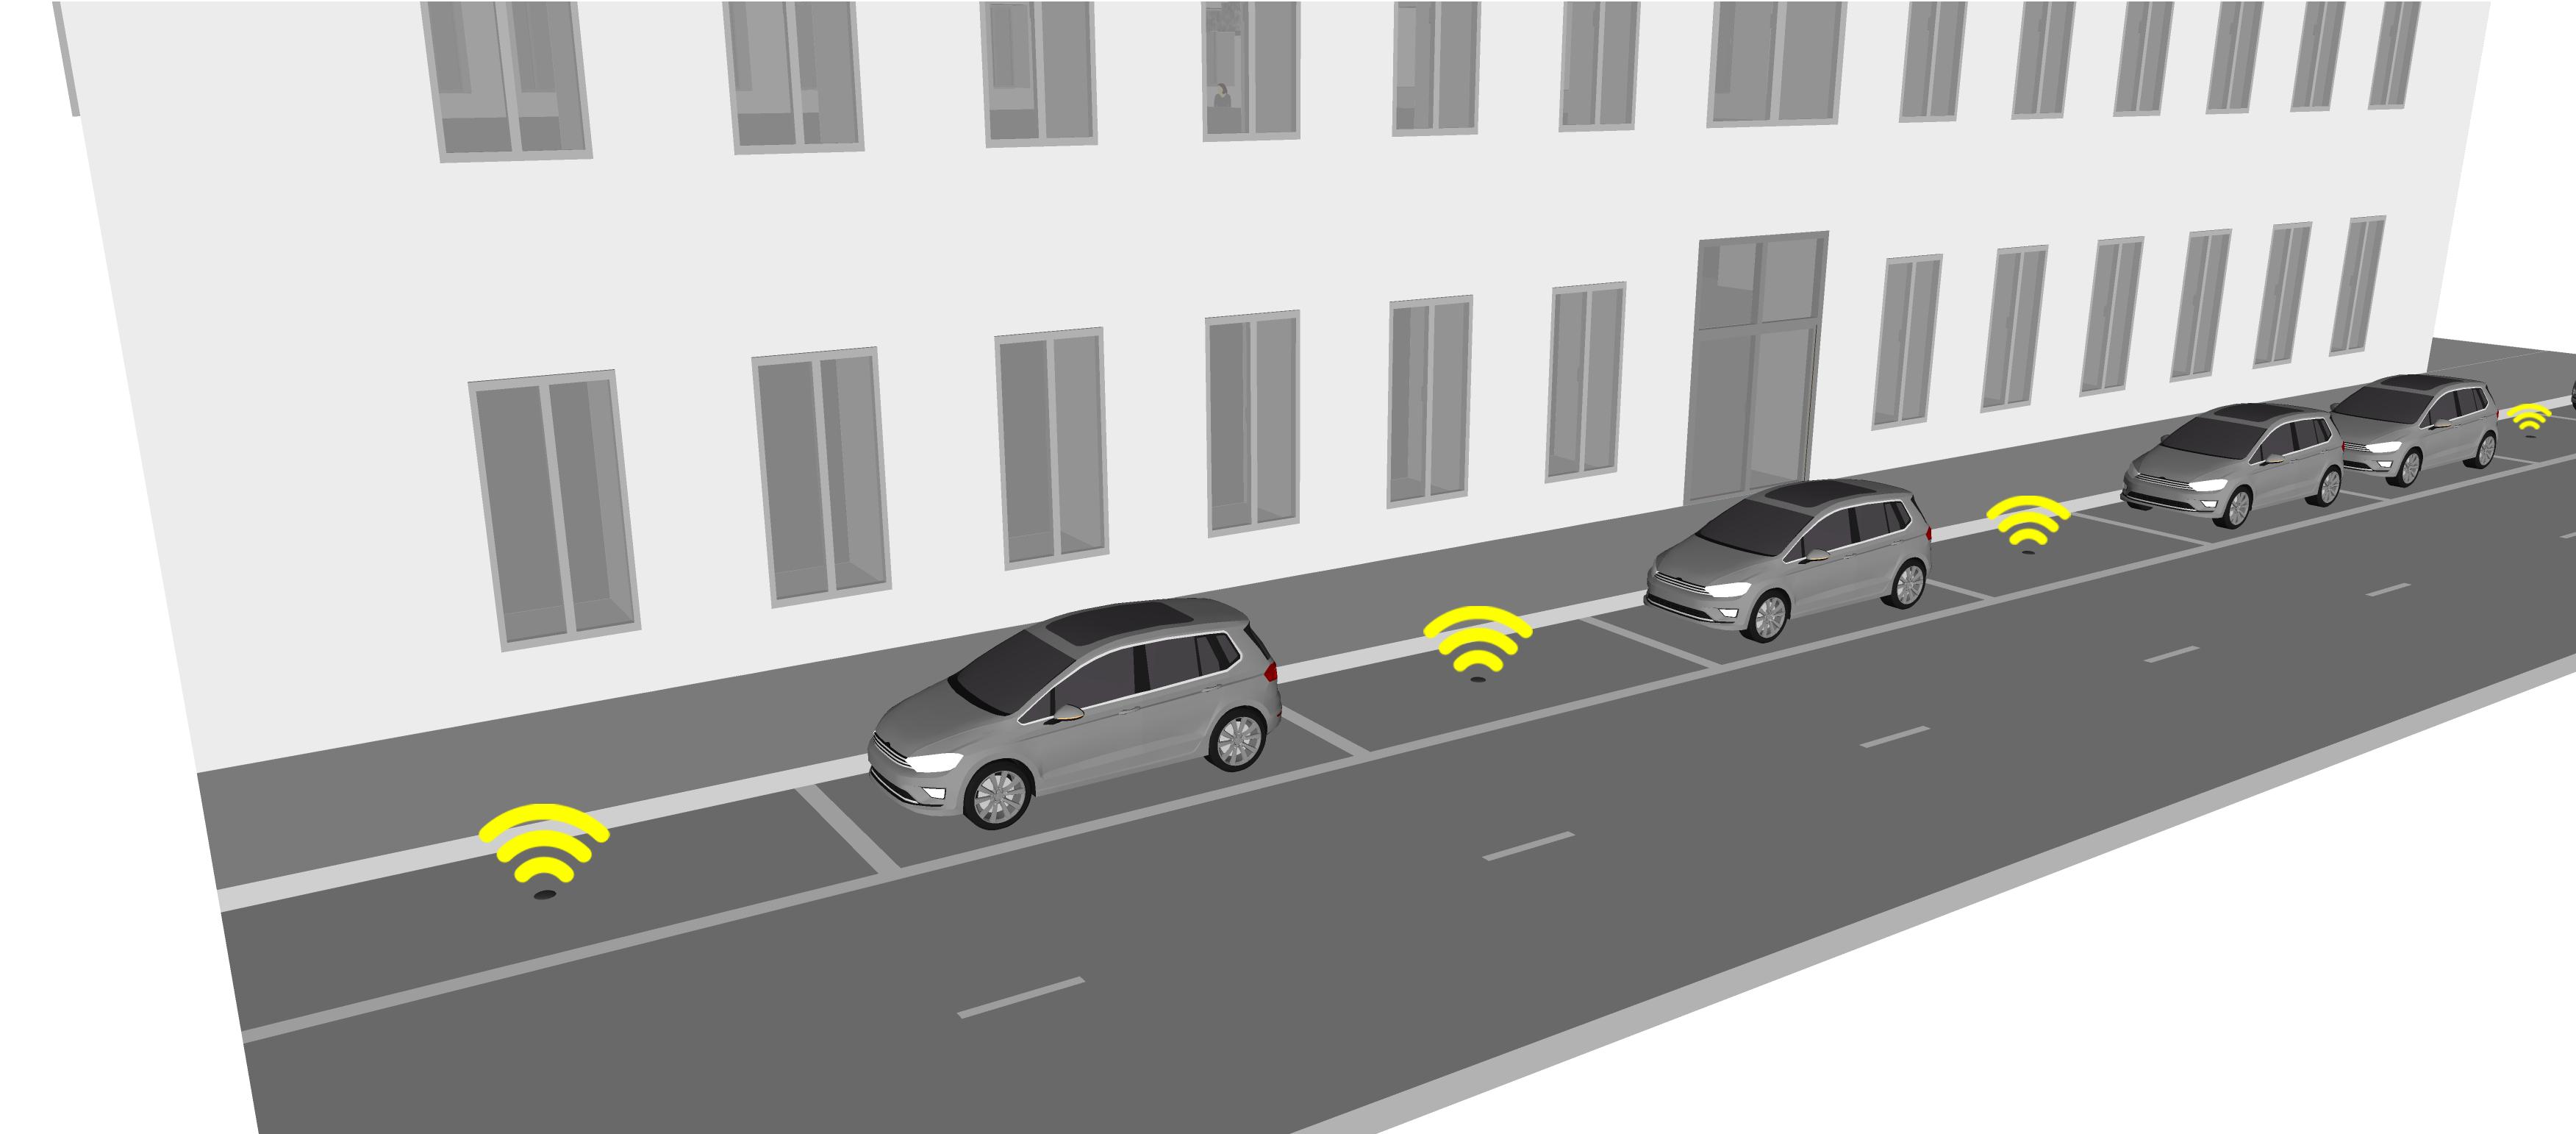 1_Parkalot -Defined Parking